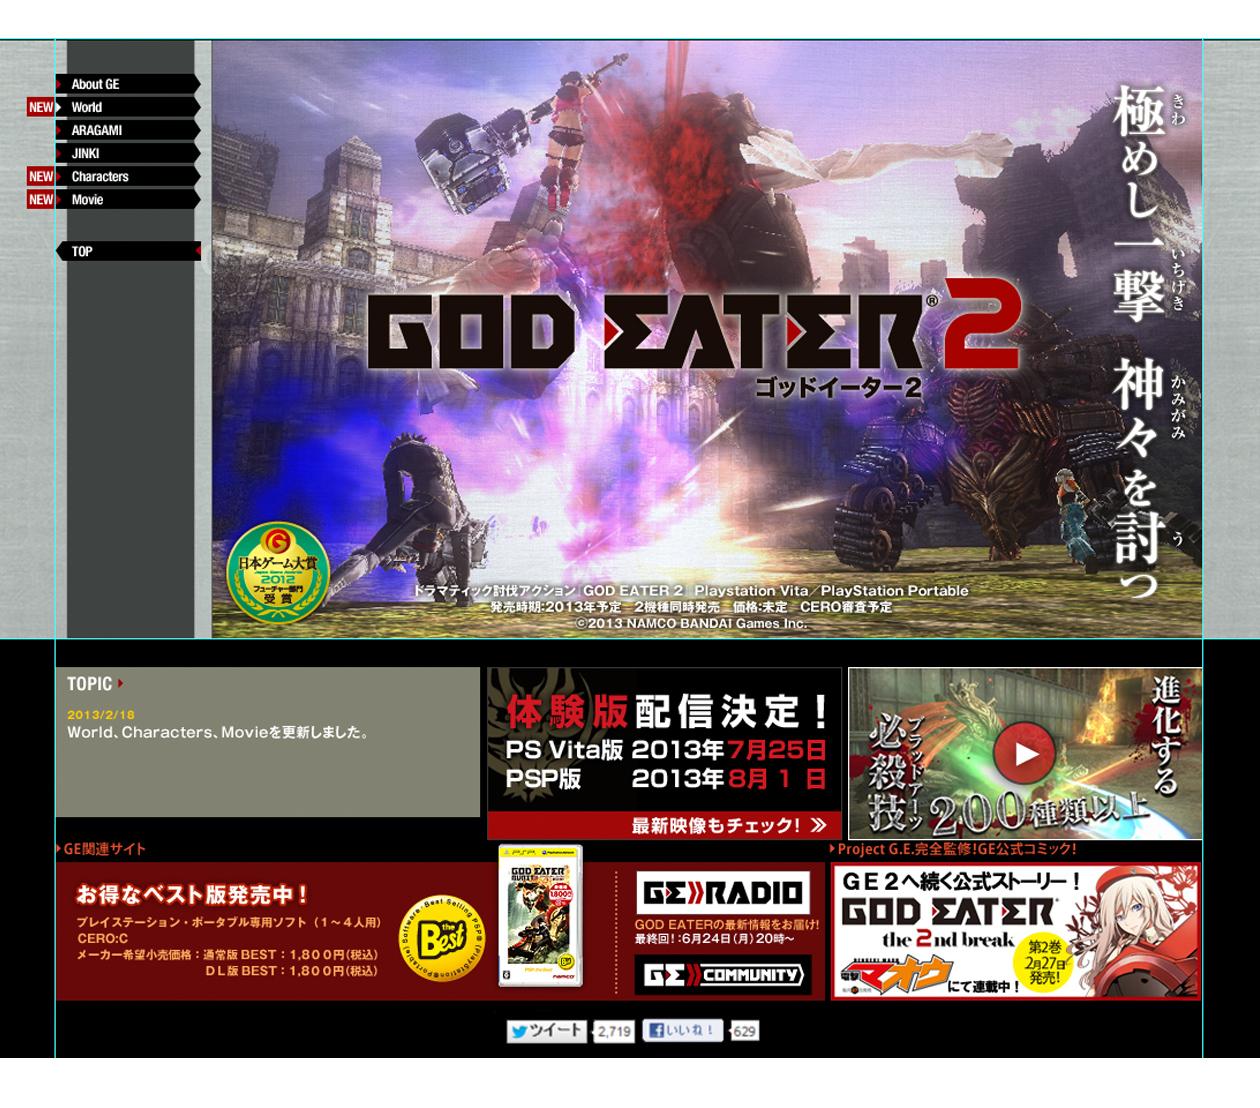 GODEATER2ウェブサイト